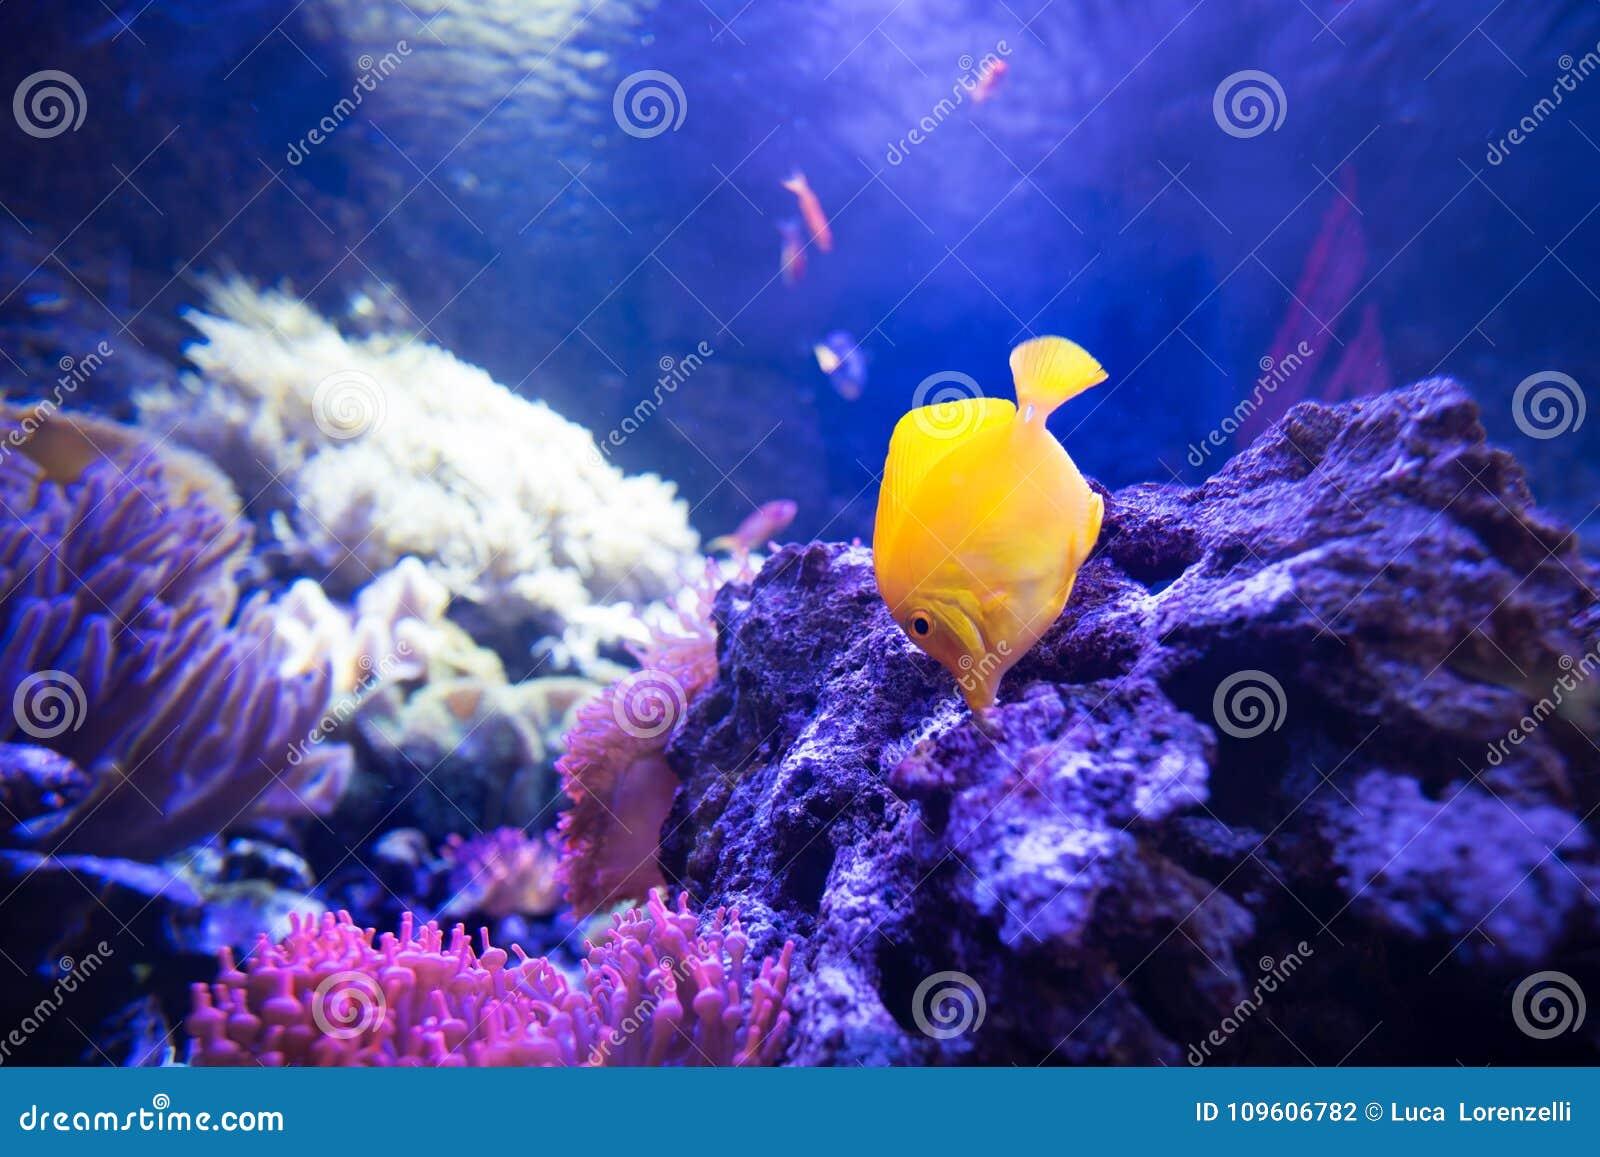 Los pescados amarillos del sabor en arrecifes de coral bajos comen de rocas vivas